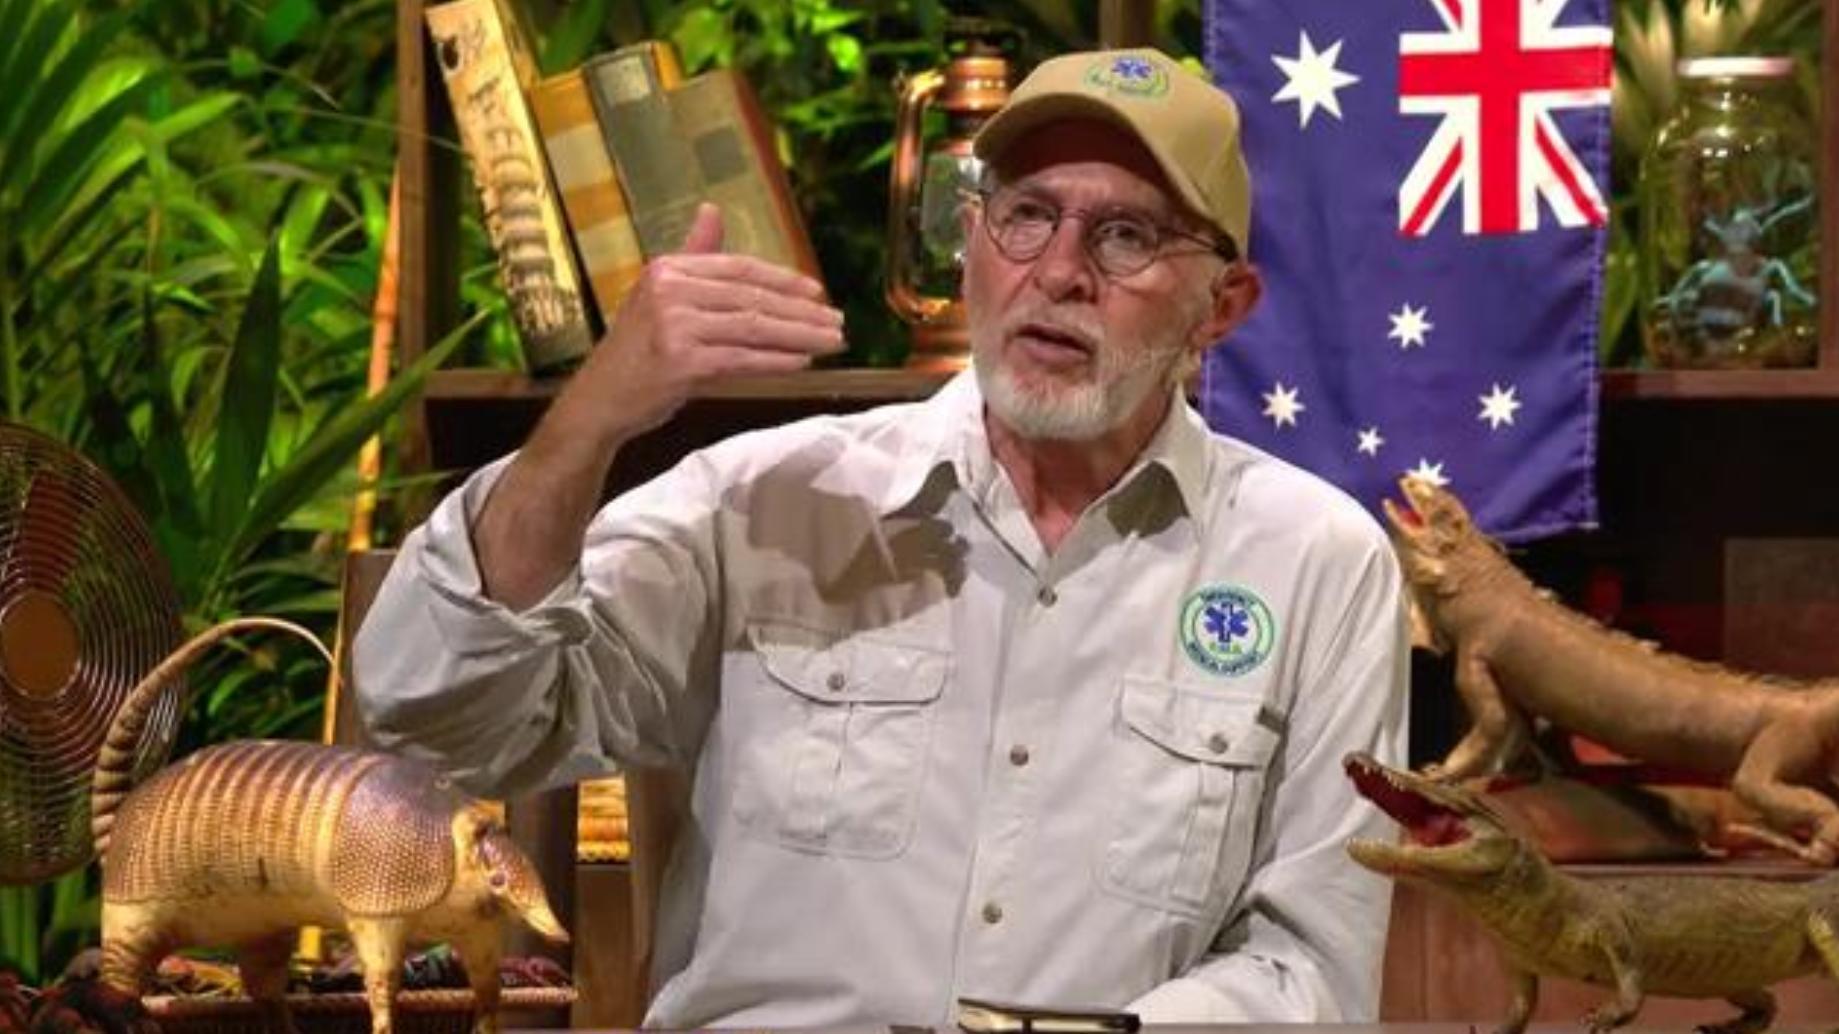 In-der-Dschungelshow-werden-die-Geheimnisse-der-9-Staffel-gel-ftet-nach-6-Jahren-